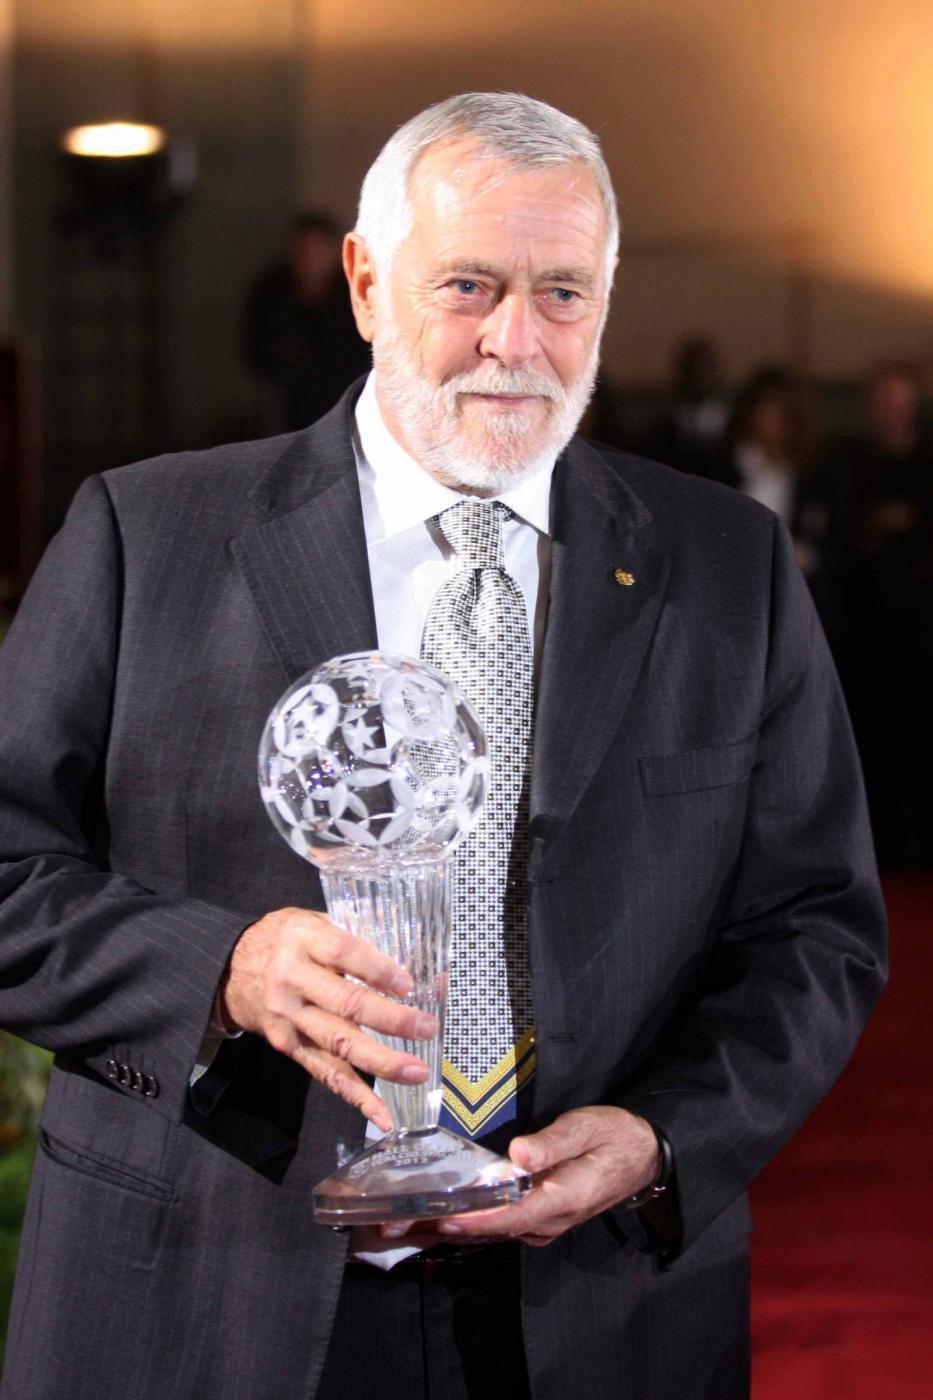 Luigi Agnolin (29 settembre 2018)  - L'ex arbitro di calcio in Serie A dal 1973 al 1990, dirigente e moviolista televisivo nonché commissario straordinario dell'Aia è morto all'età di 75 anni.